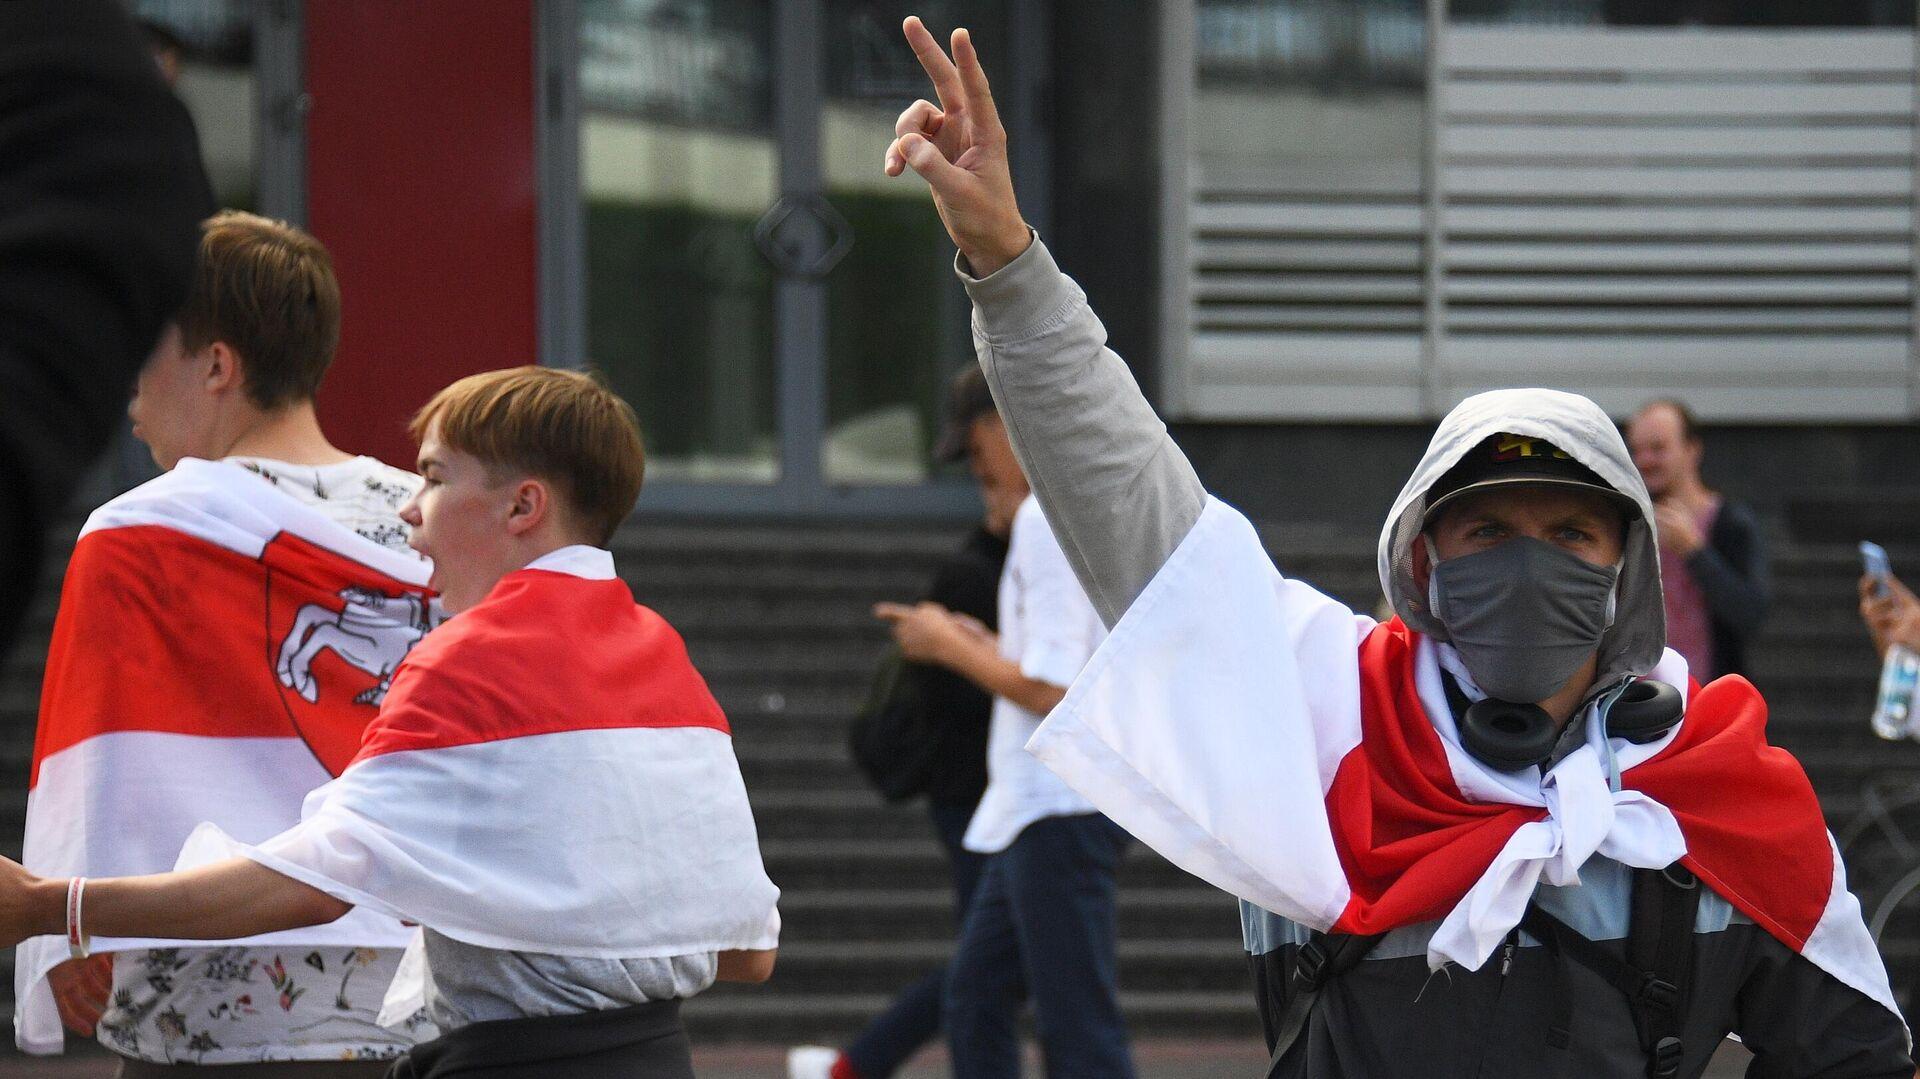 Участники студенческой акции протеста в Минске - РИА Новости, 1920, 01.09.2020